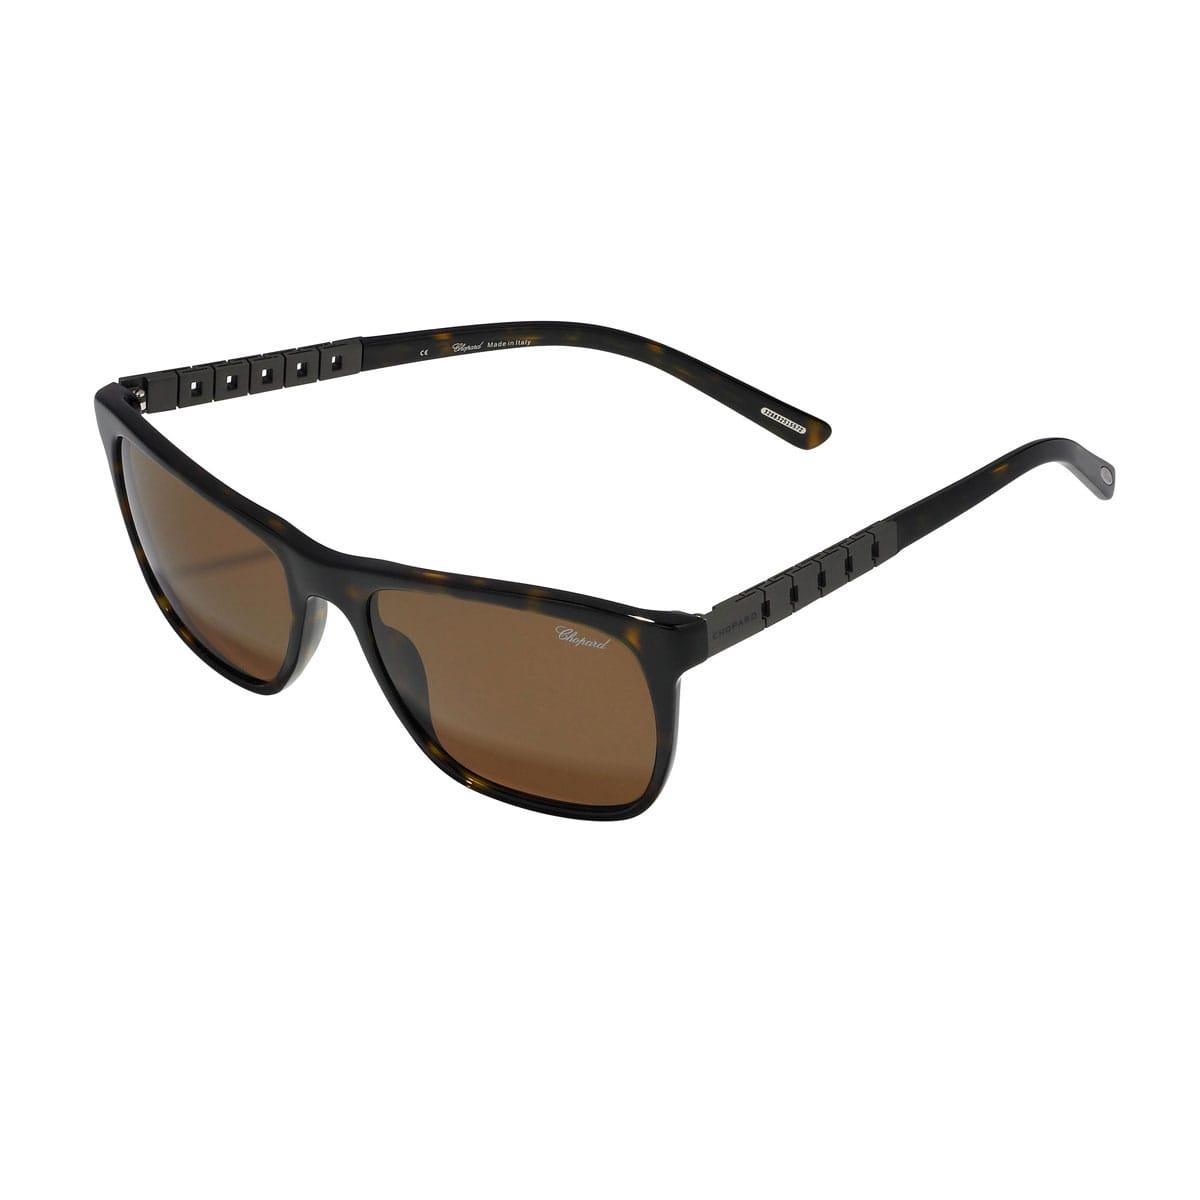 Chopard lunettes de soleil 95217-0268 Lionel Meylan Horlogerie Joaillerie Vevey